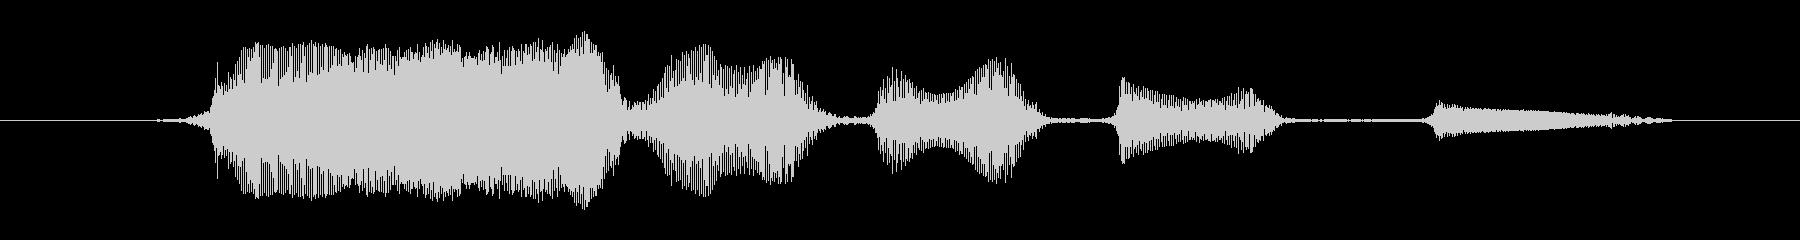 鳴き声 男性は本当に怖いWhimp...の未再生の波形